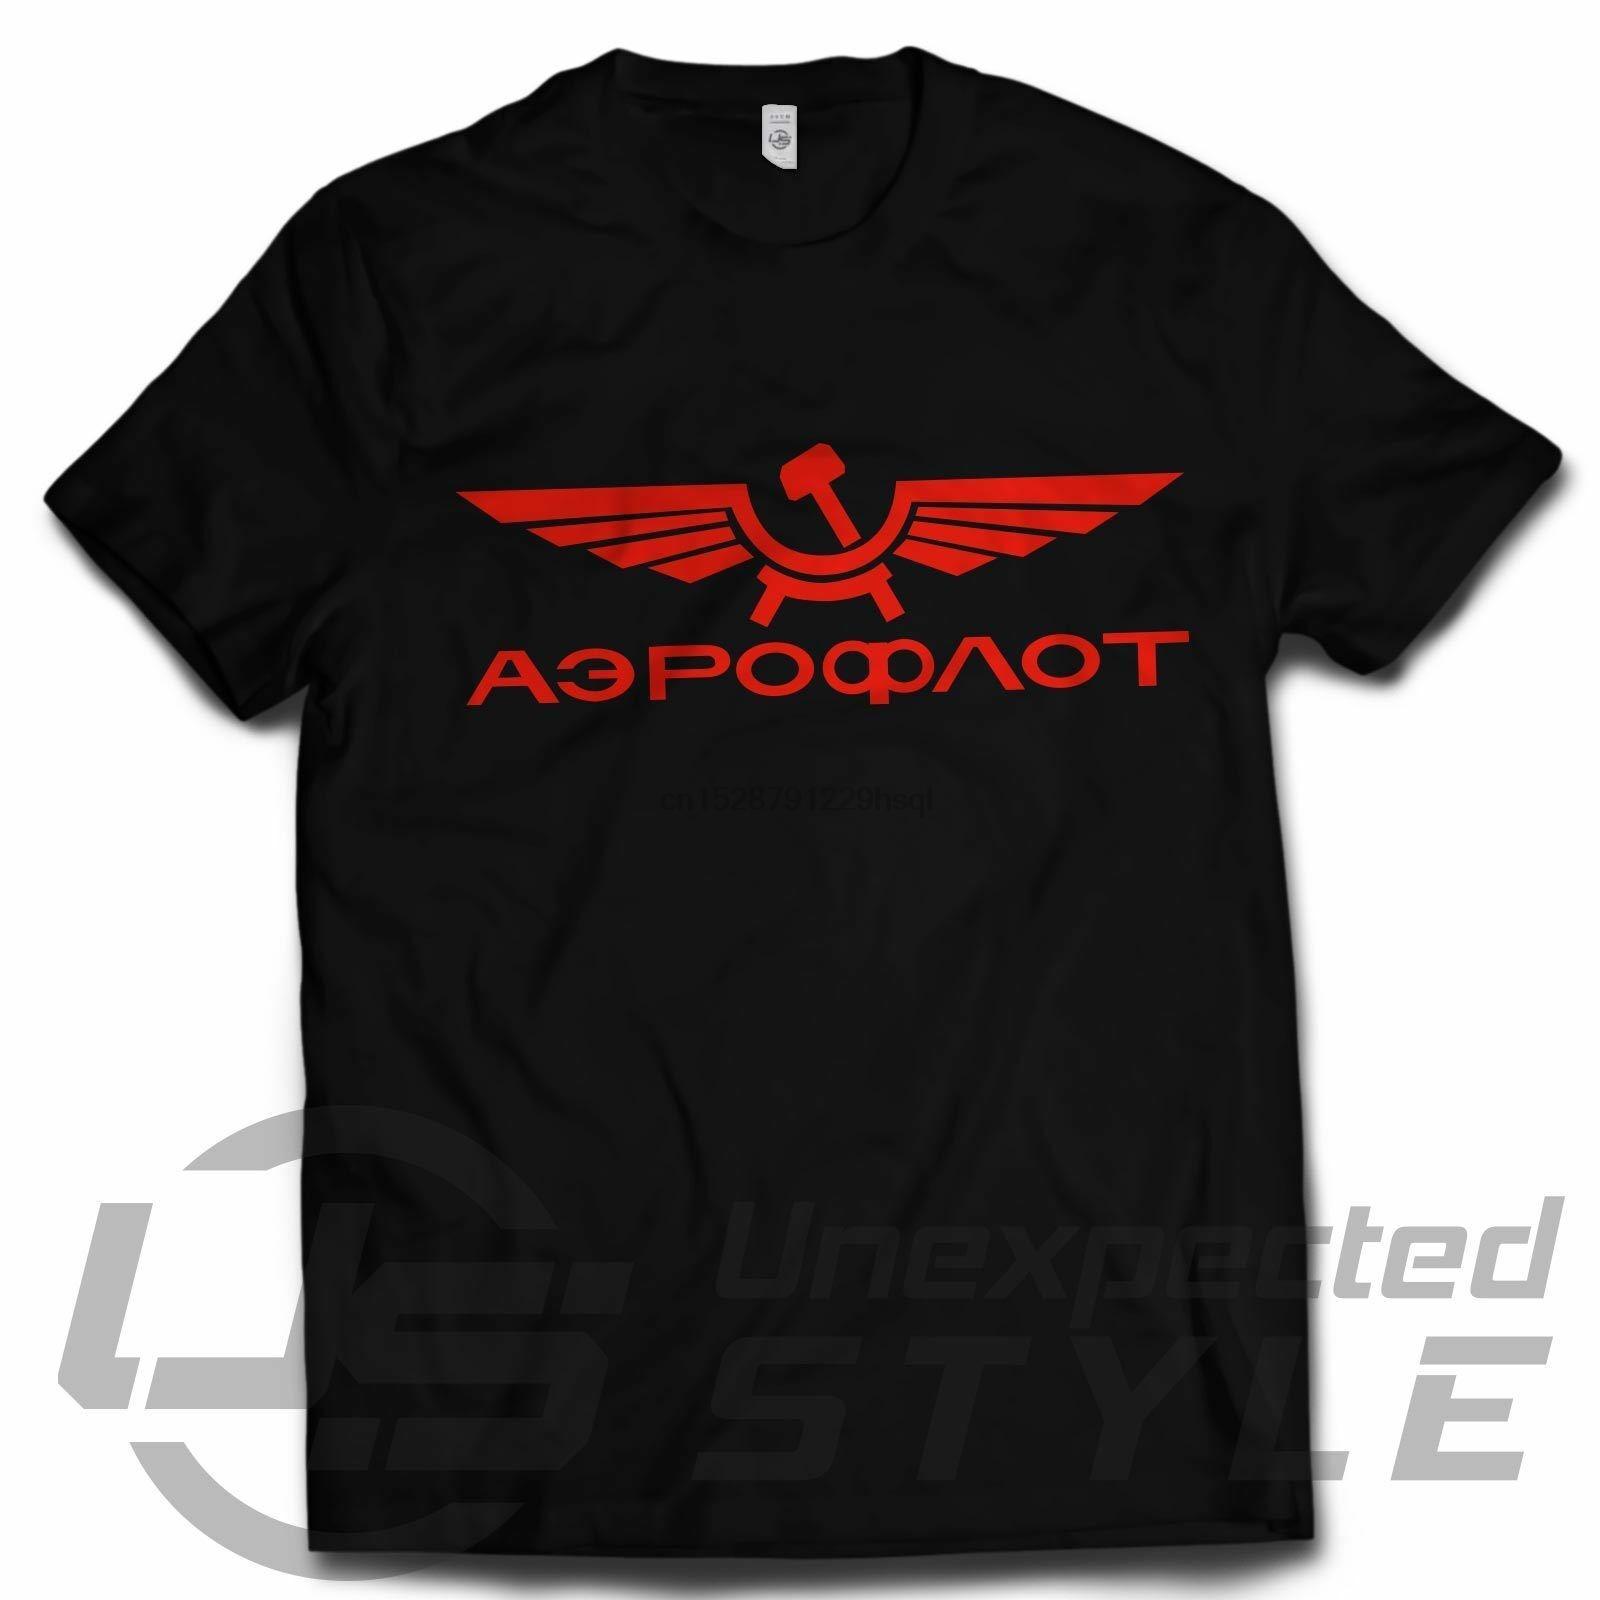 AEROFLOT Rétro T-shirt Russian Airlines URSS Vintage soviétique cool CCCP communistes 100% coton de mode T-shirts top départ